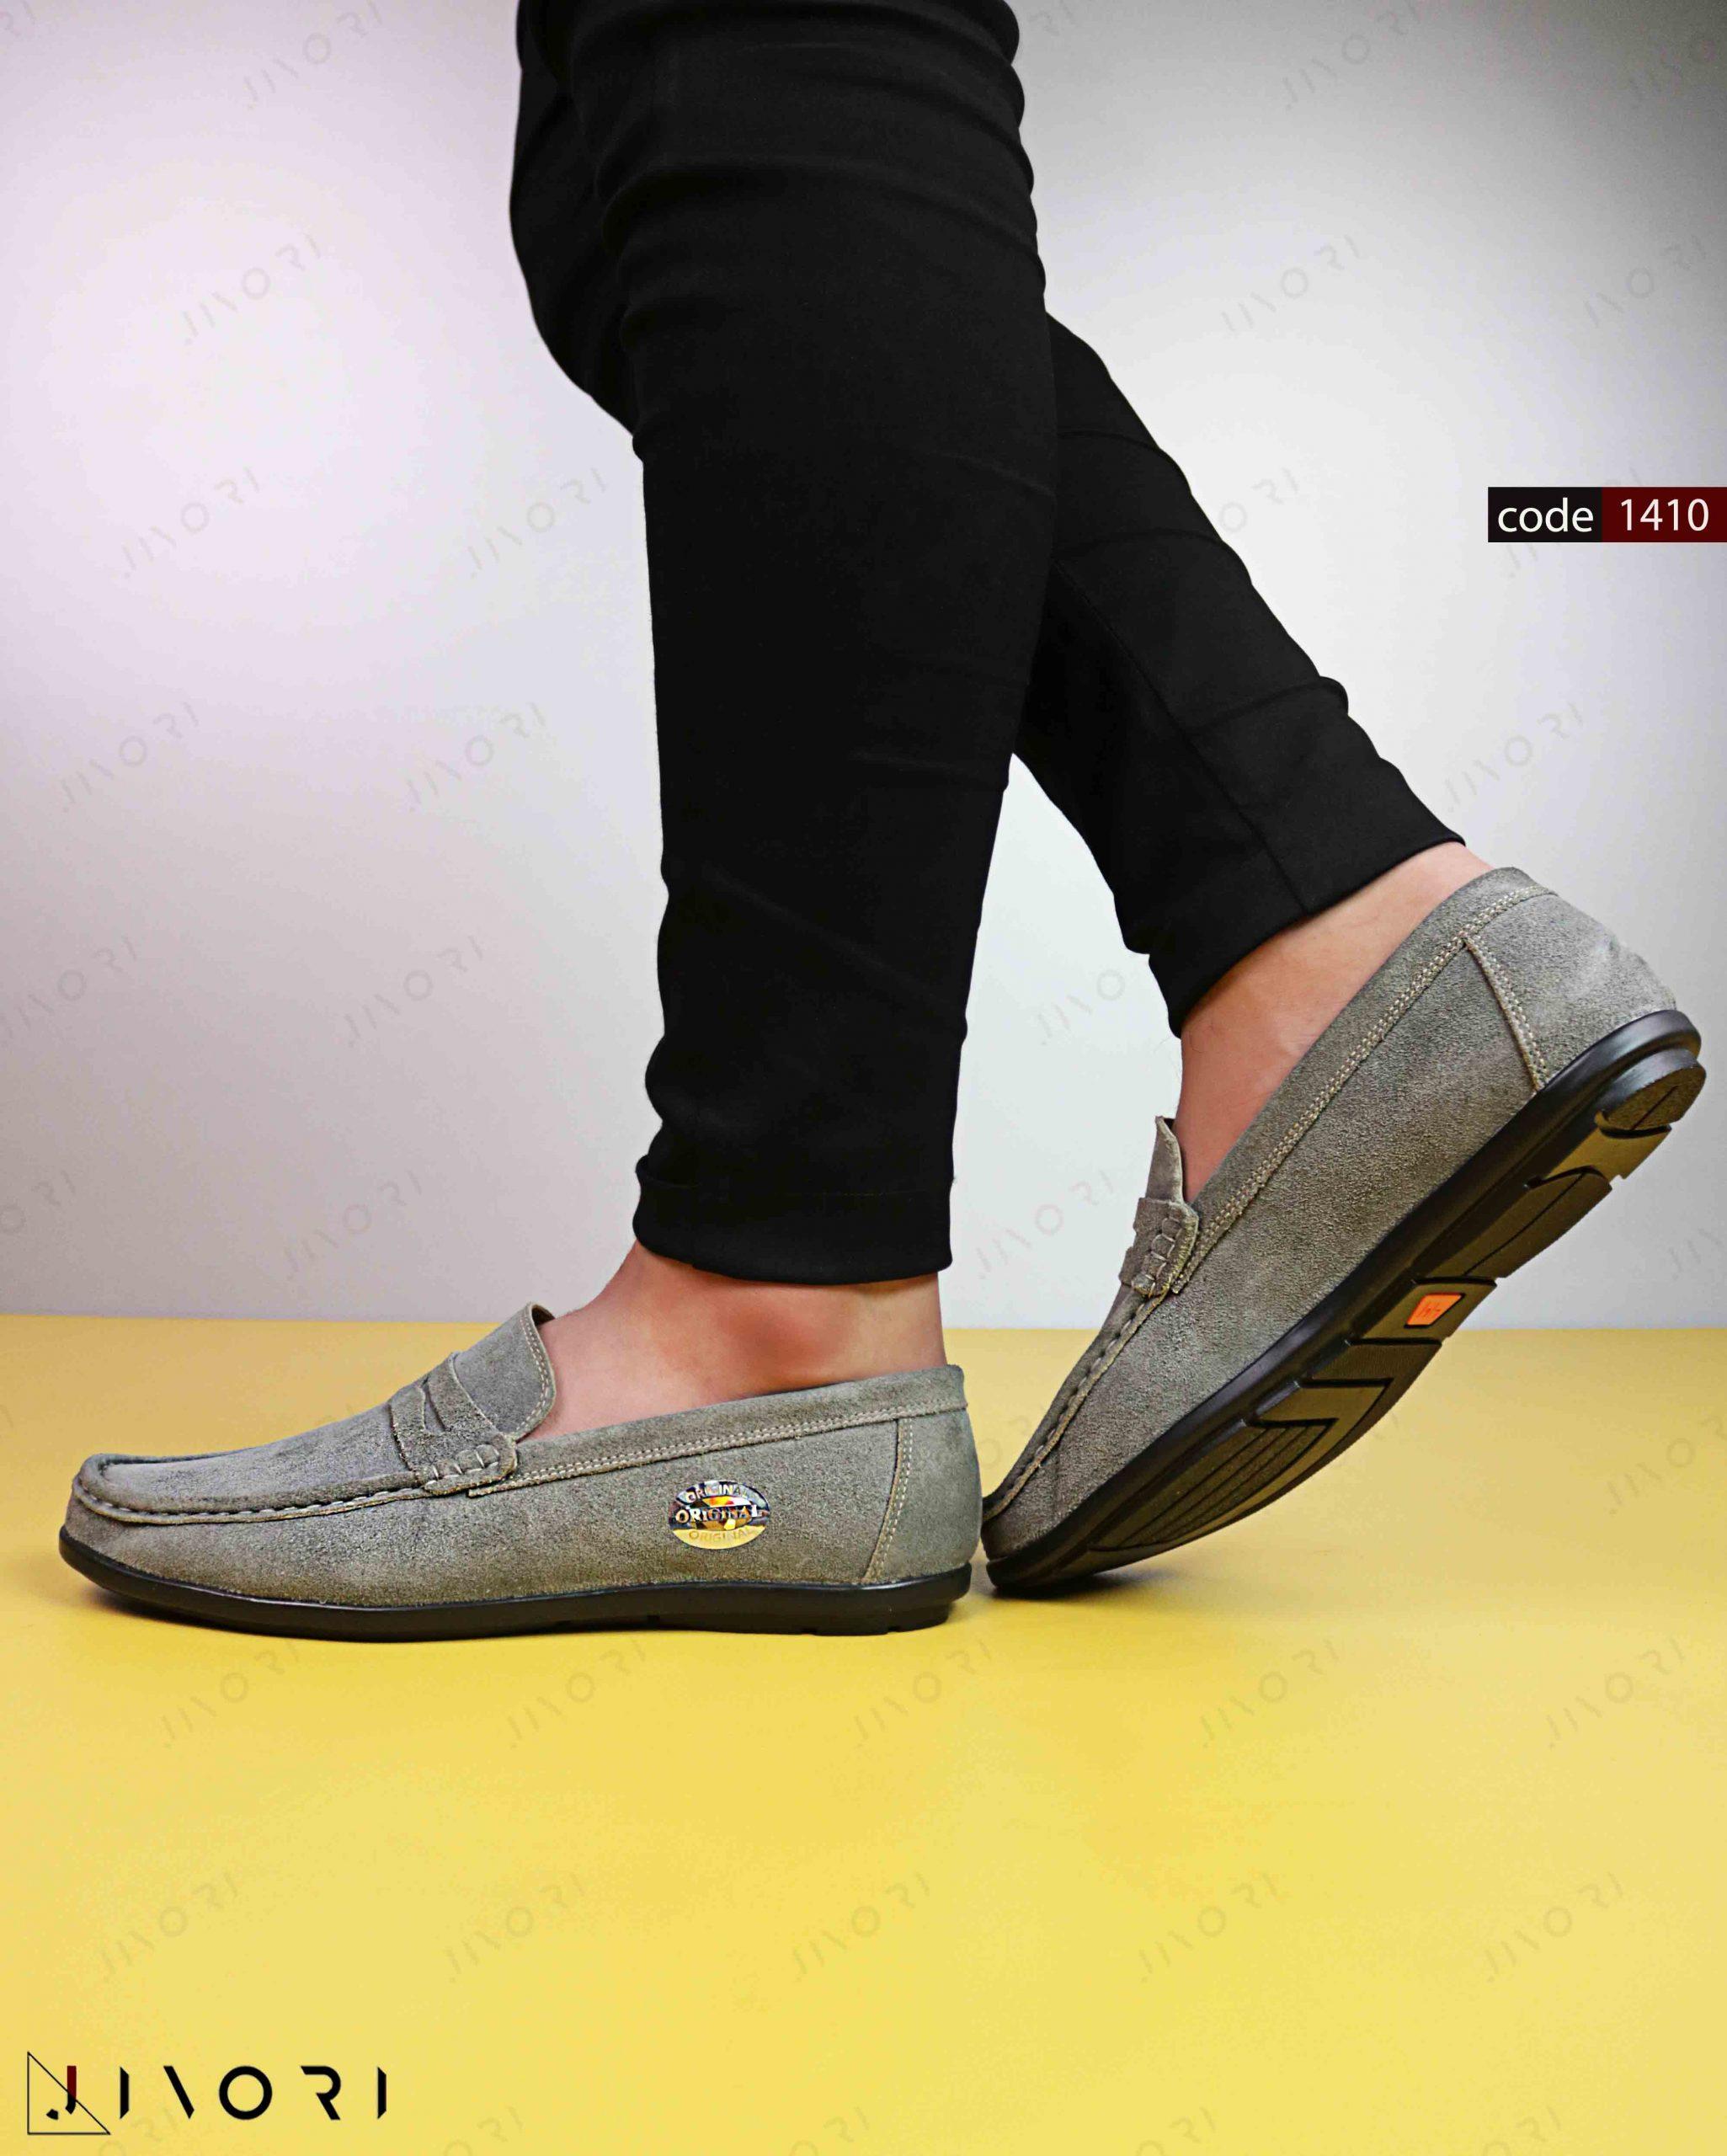 کفش کالج (1410)